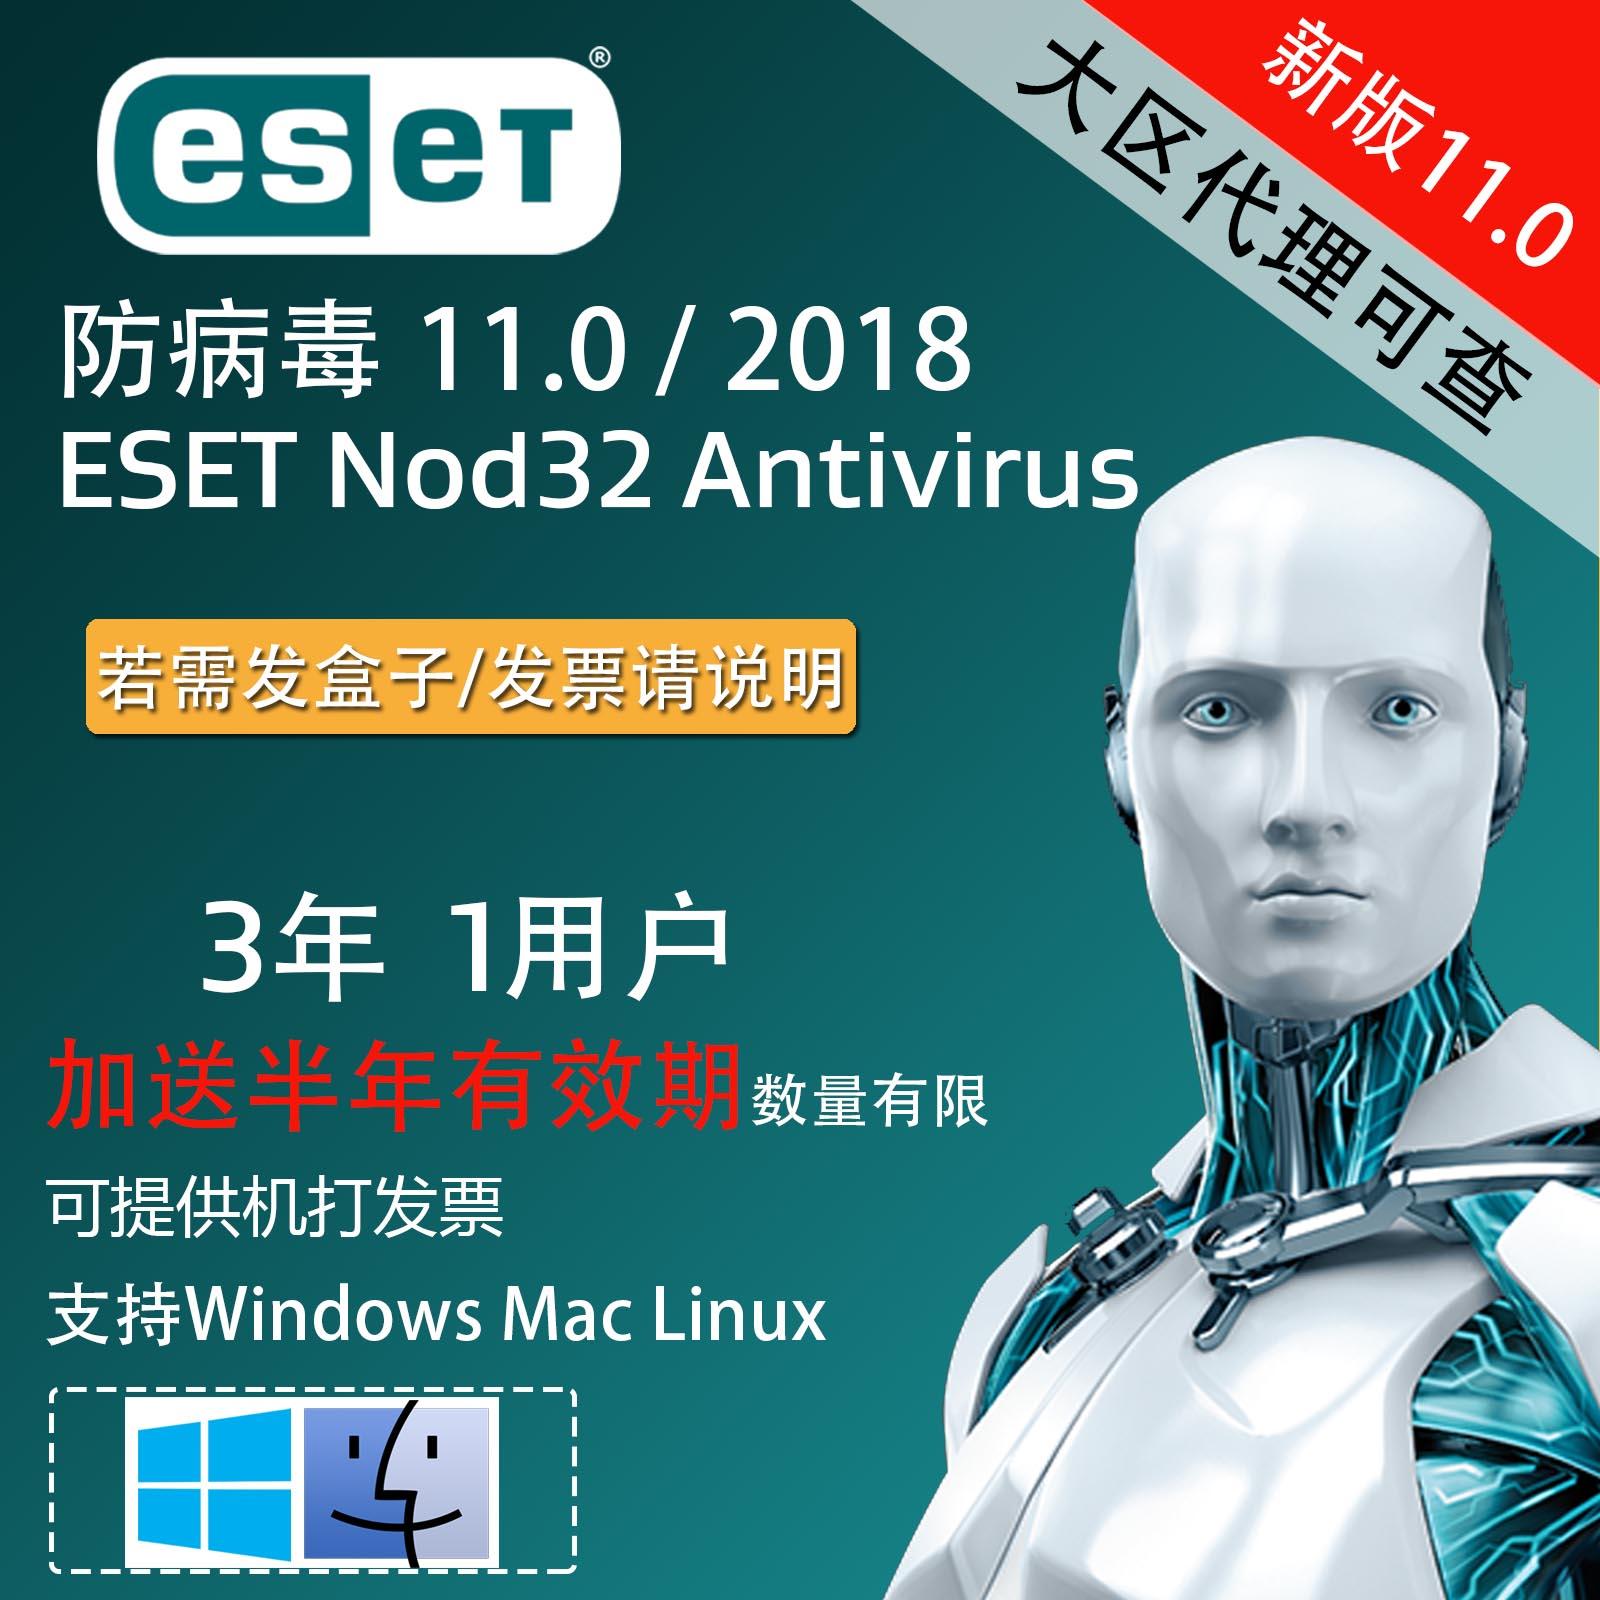 ESET Nod32 Antivirus 11.0 | ESET противо болезнь яд Nod32 убить яд программное обеспечение 3 издание